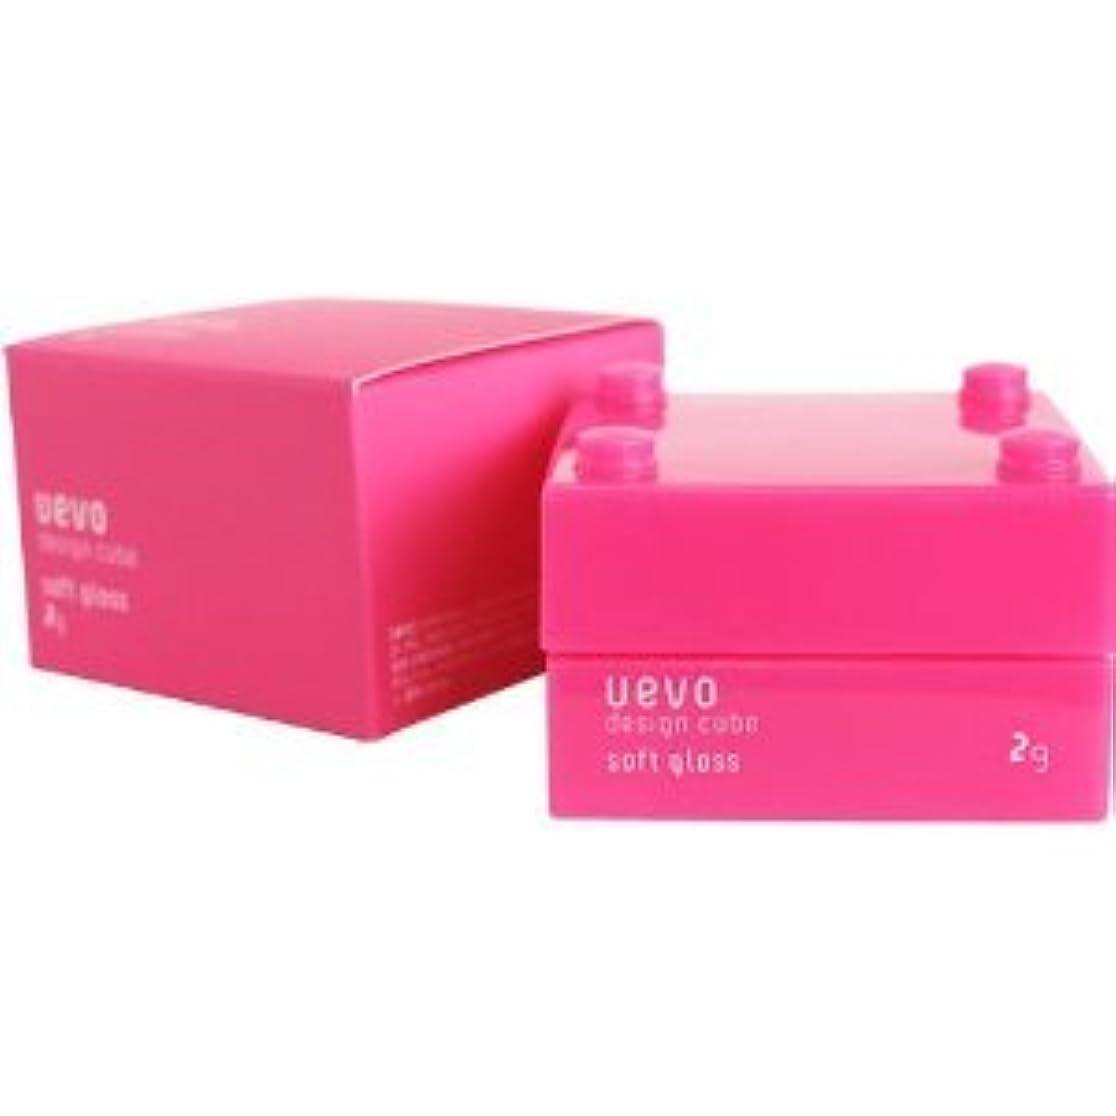 エンジン交じるドラゴン【X3個セット】 デミ ウェーボ デザインキューブ ソフトグロス 30g soft gloss DEMI uevo design cube